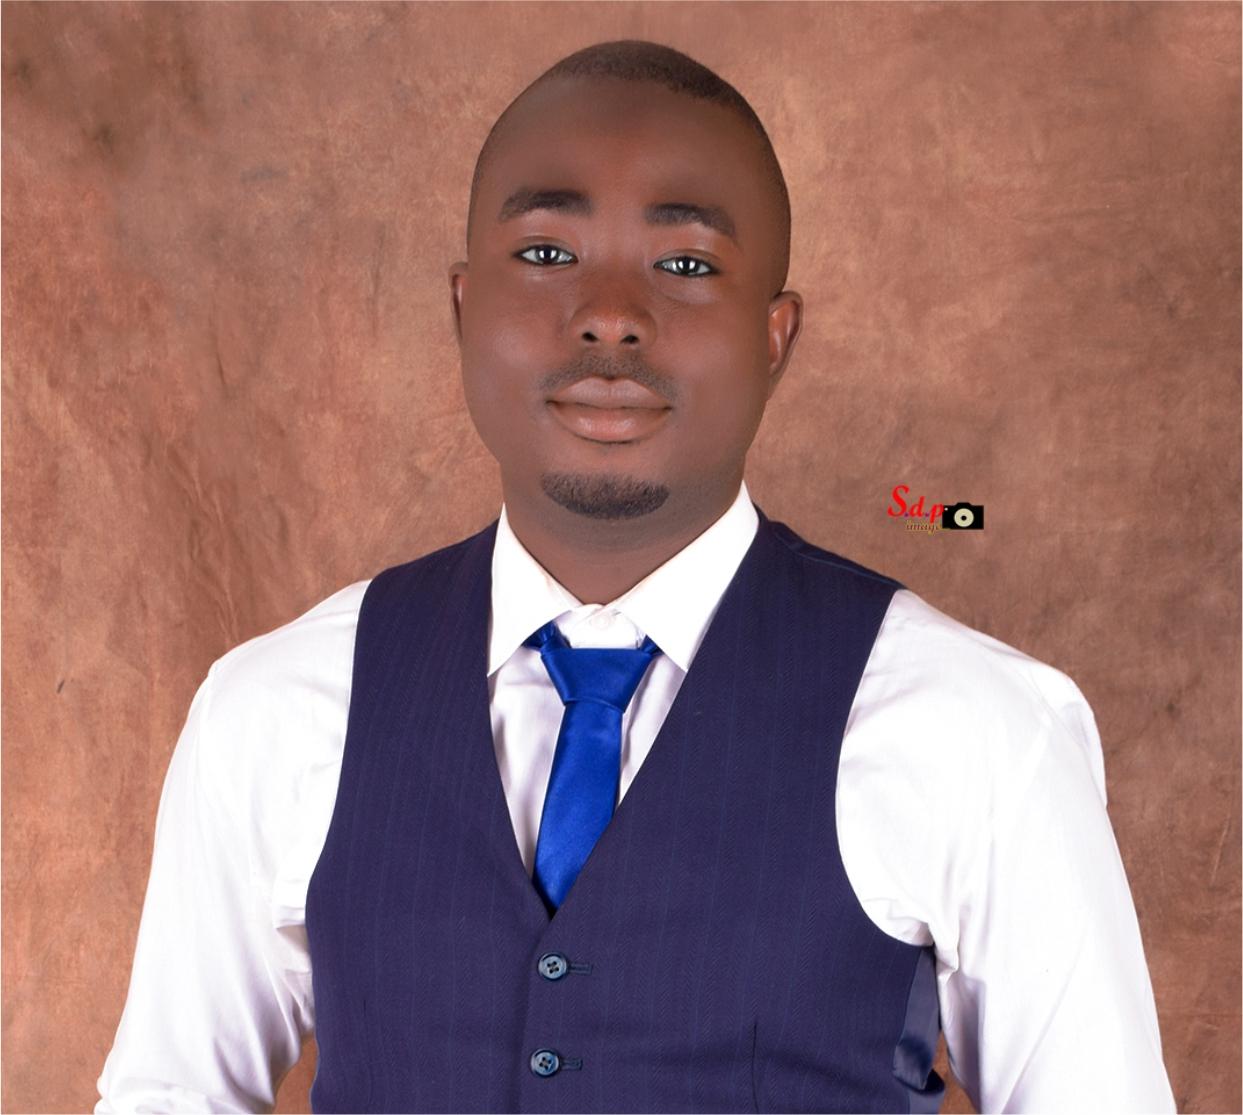 Adekanye Adewale Adeyinka